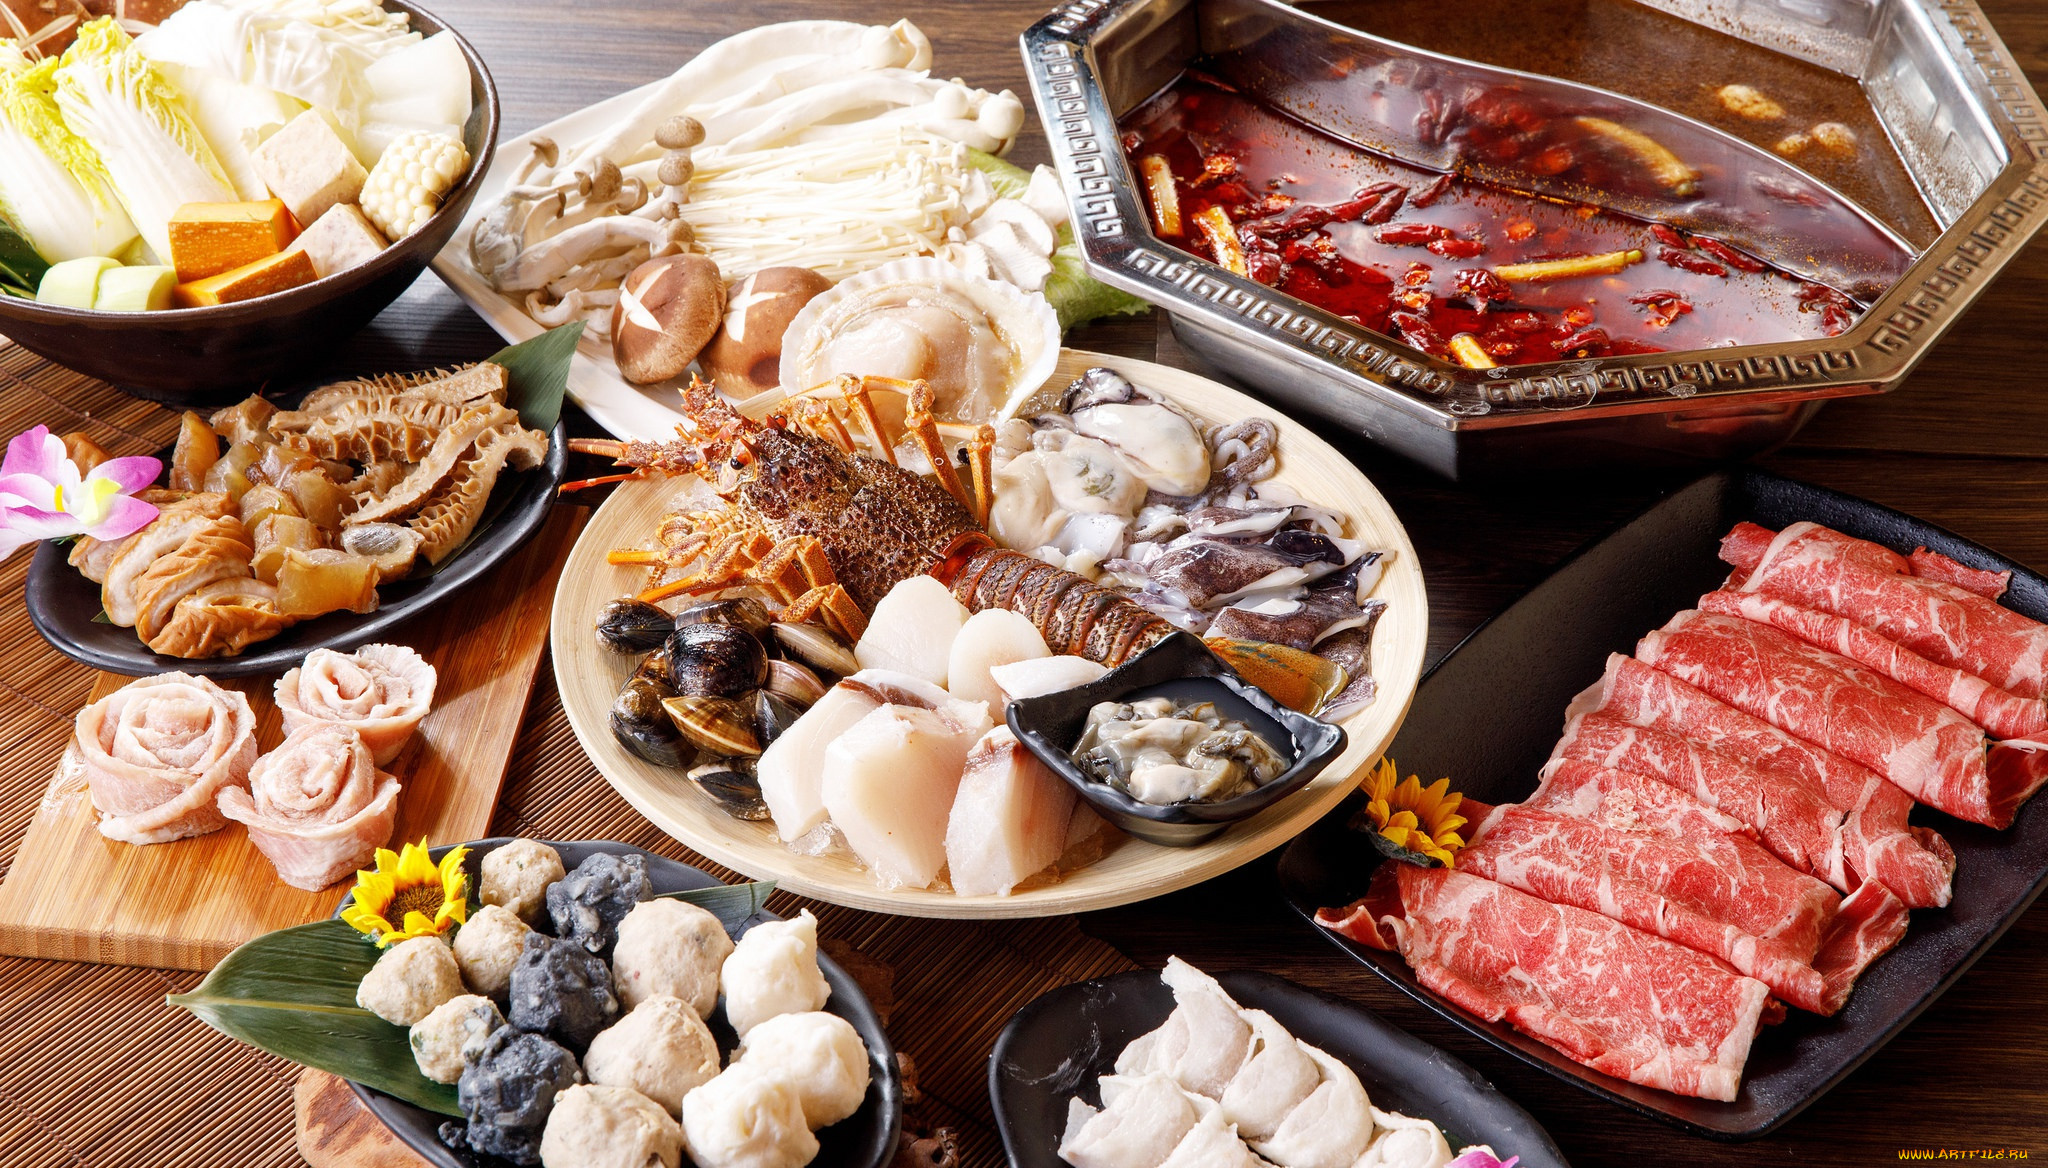 Разные красивые фотки еды